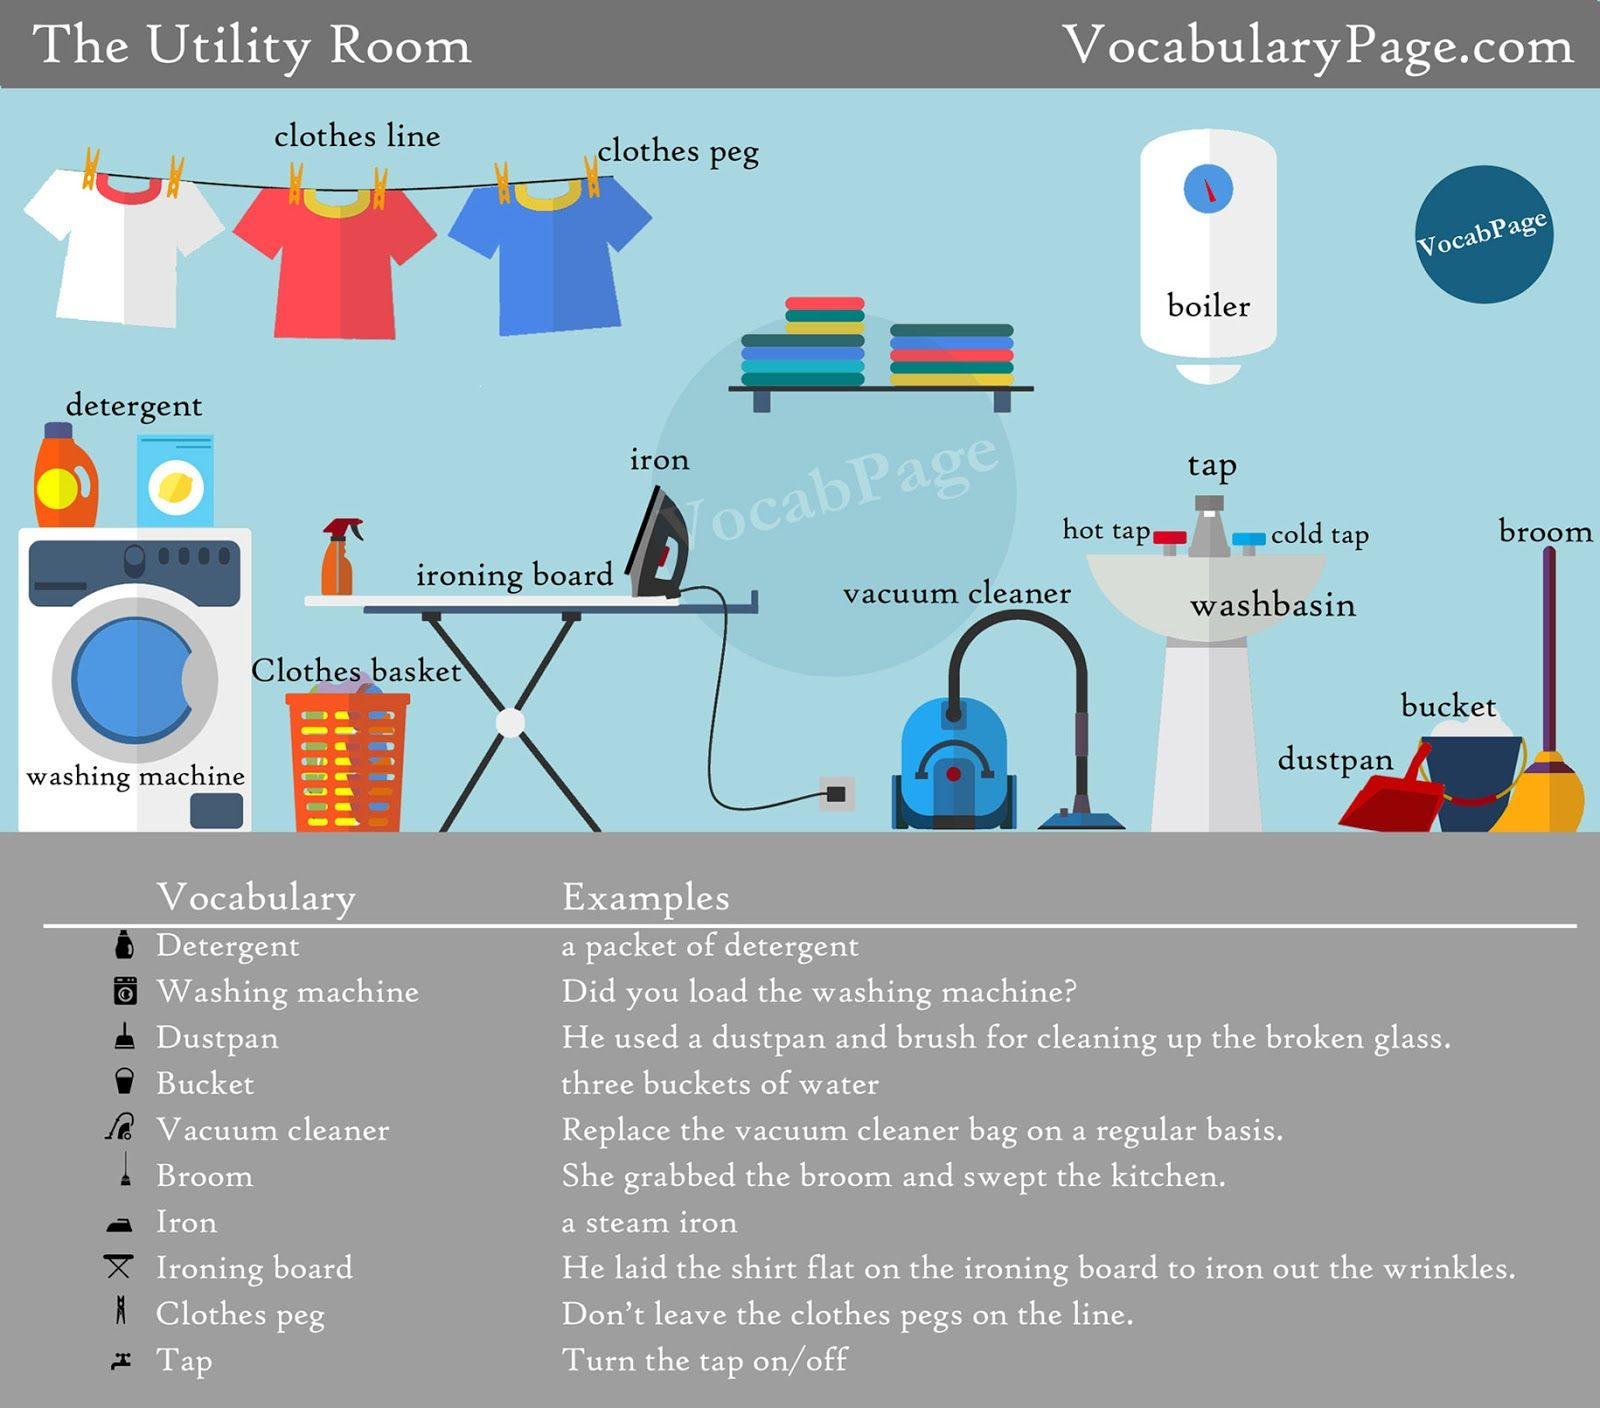 Vocabularypage The Utility Room Vocabulary